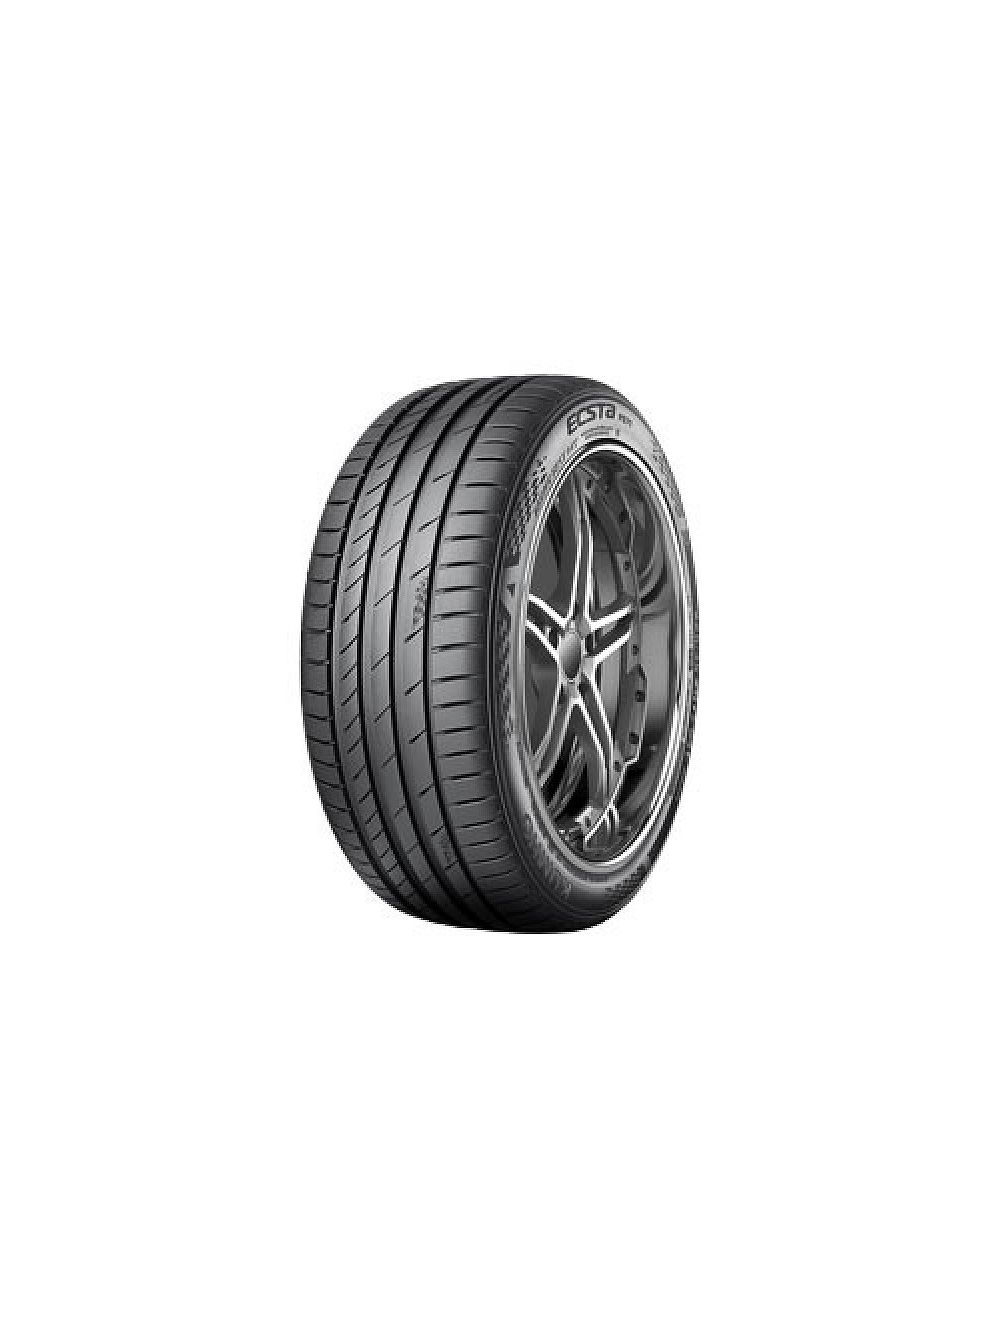 Kumho 245/45R17 Y PS71 Ecsta XL Nyári gumi